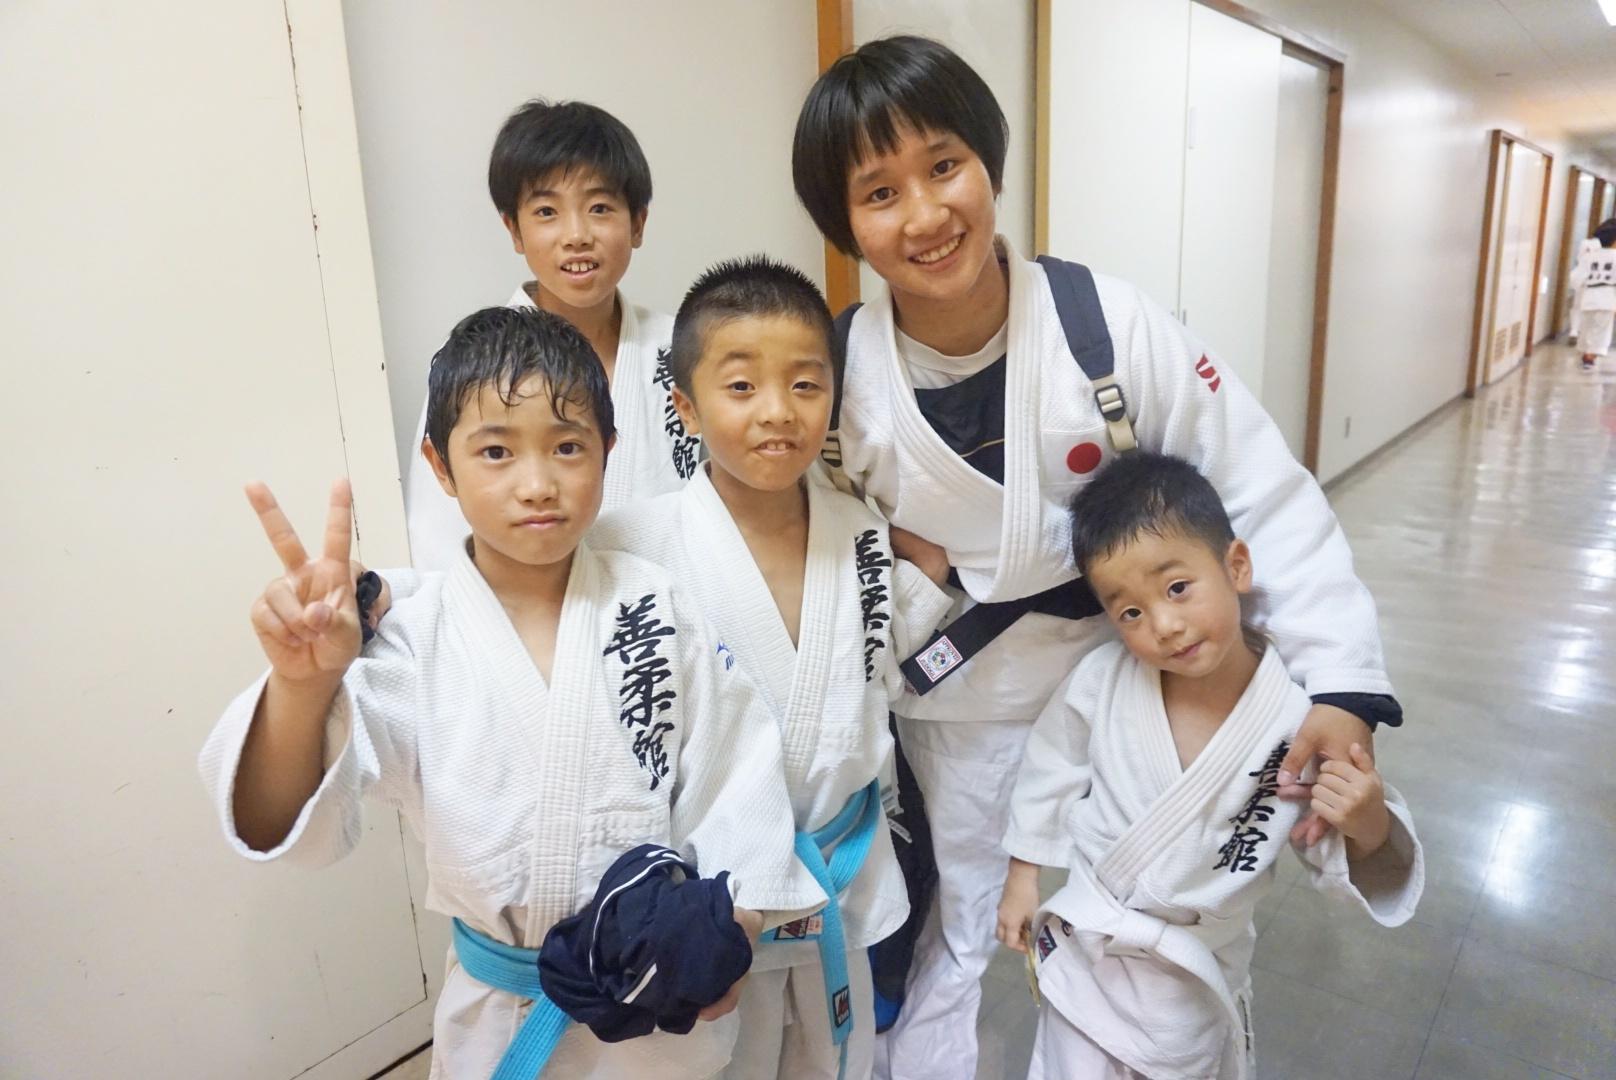 2019 全国中学校柔道大会_b0172494_21491635.jpg